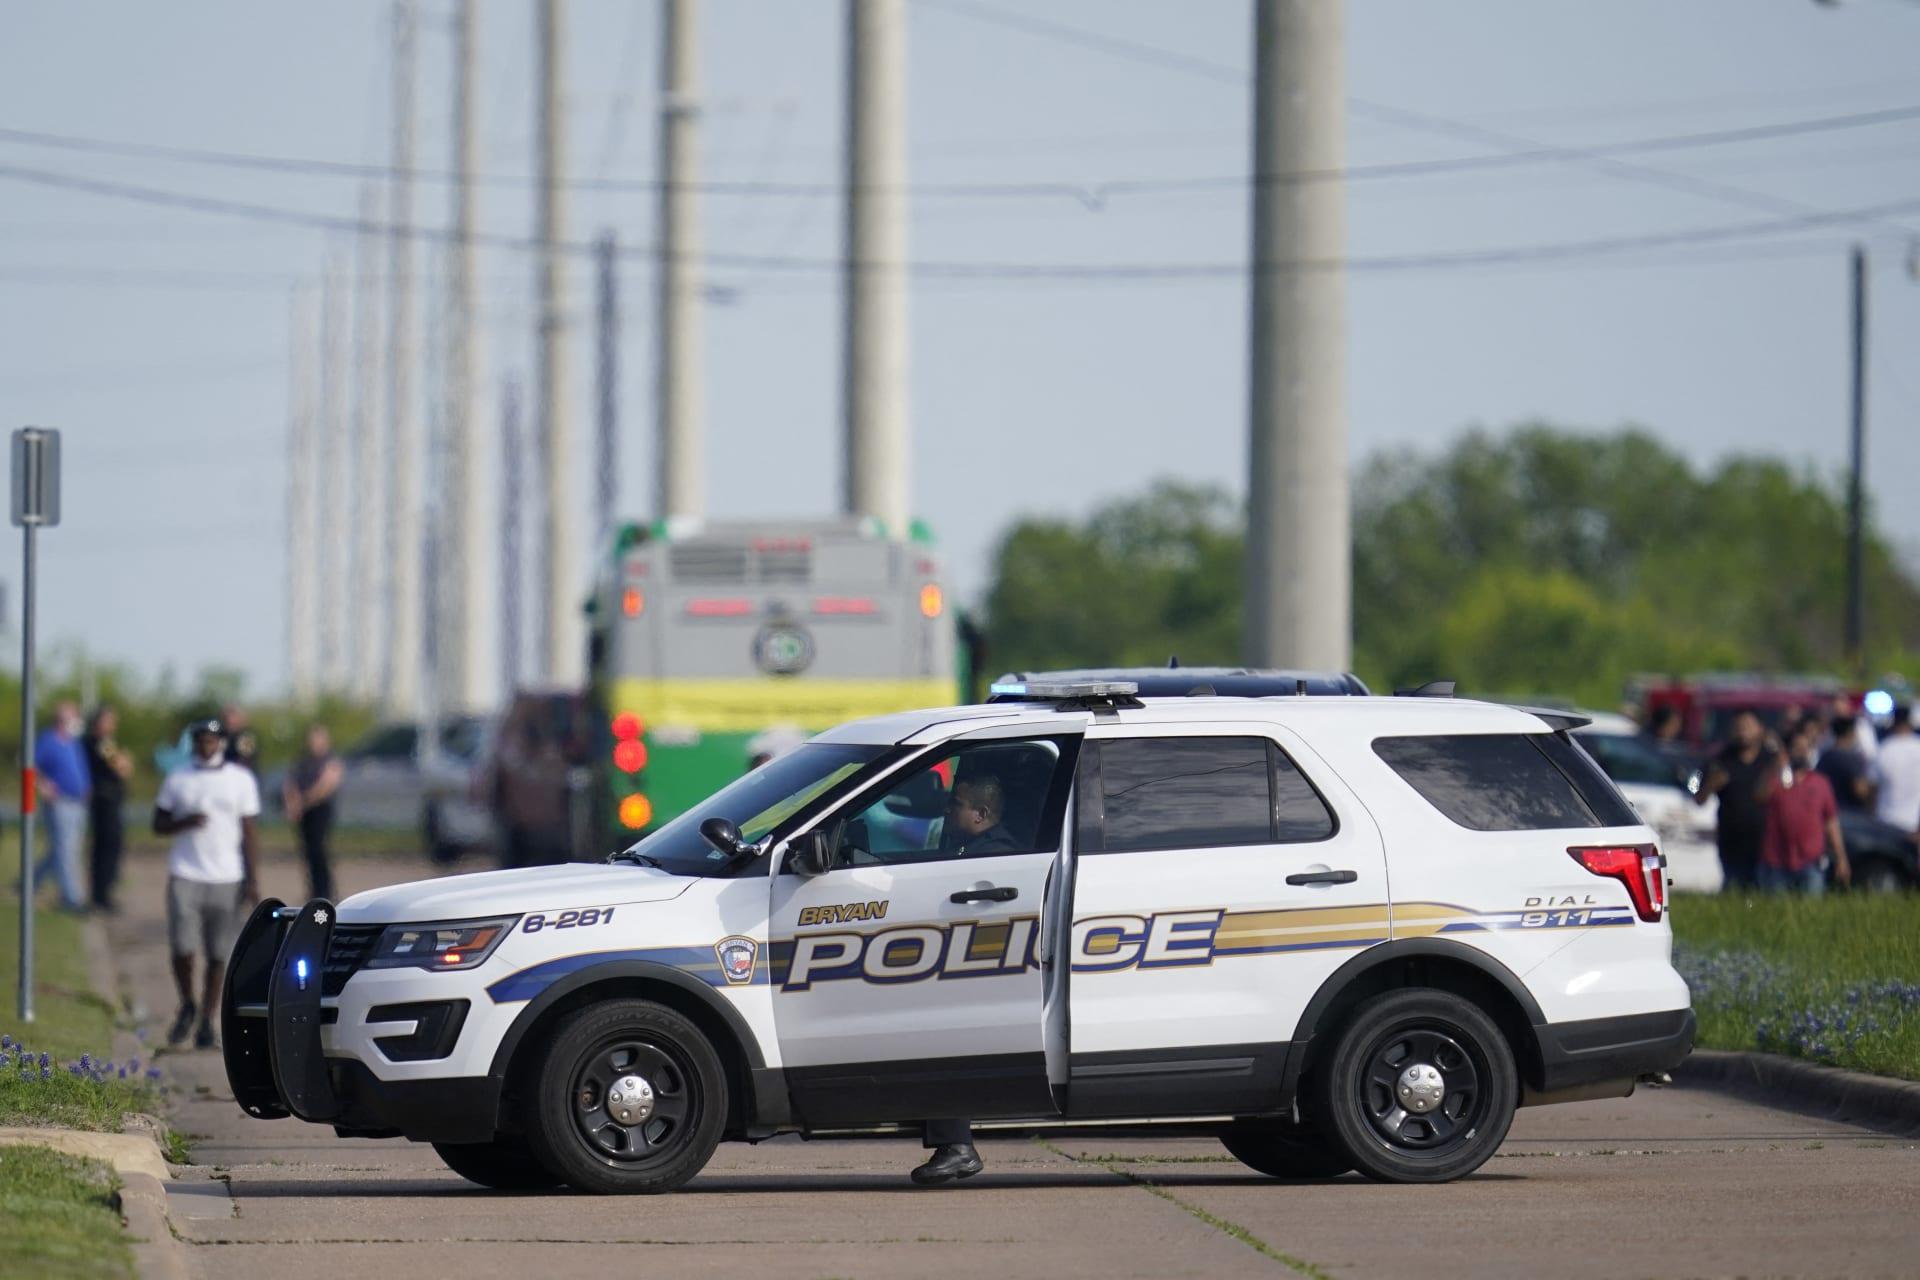 صورة أرشيفية من حادث إطلاق نار في ولاية تكساس - 18 أبريل 2021